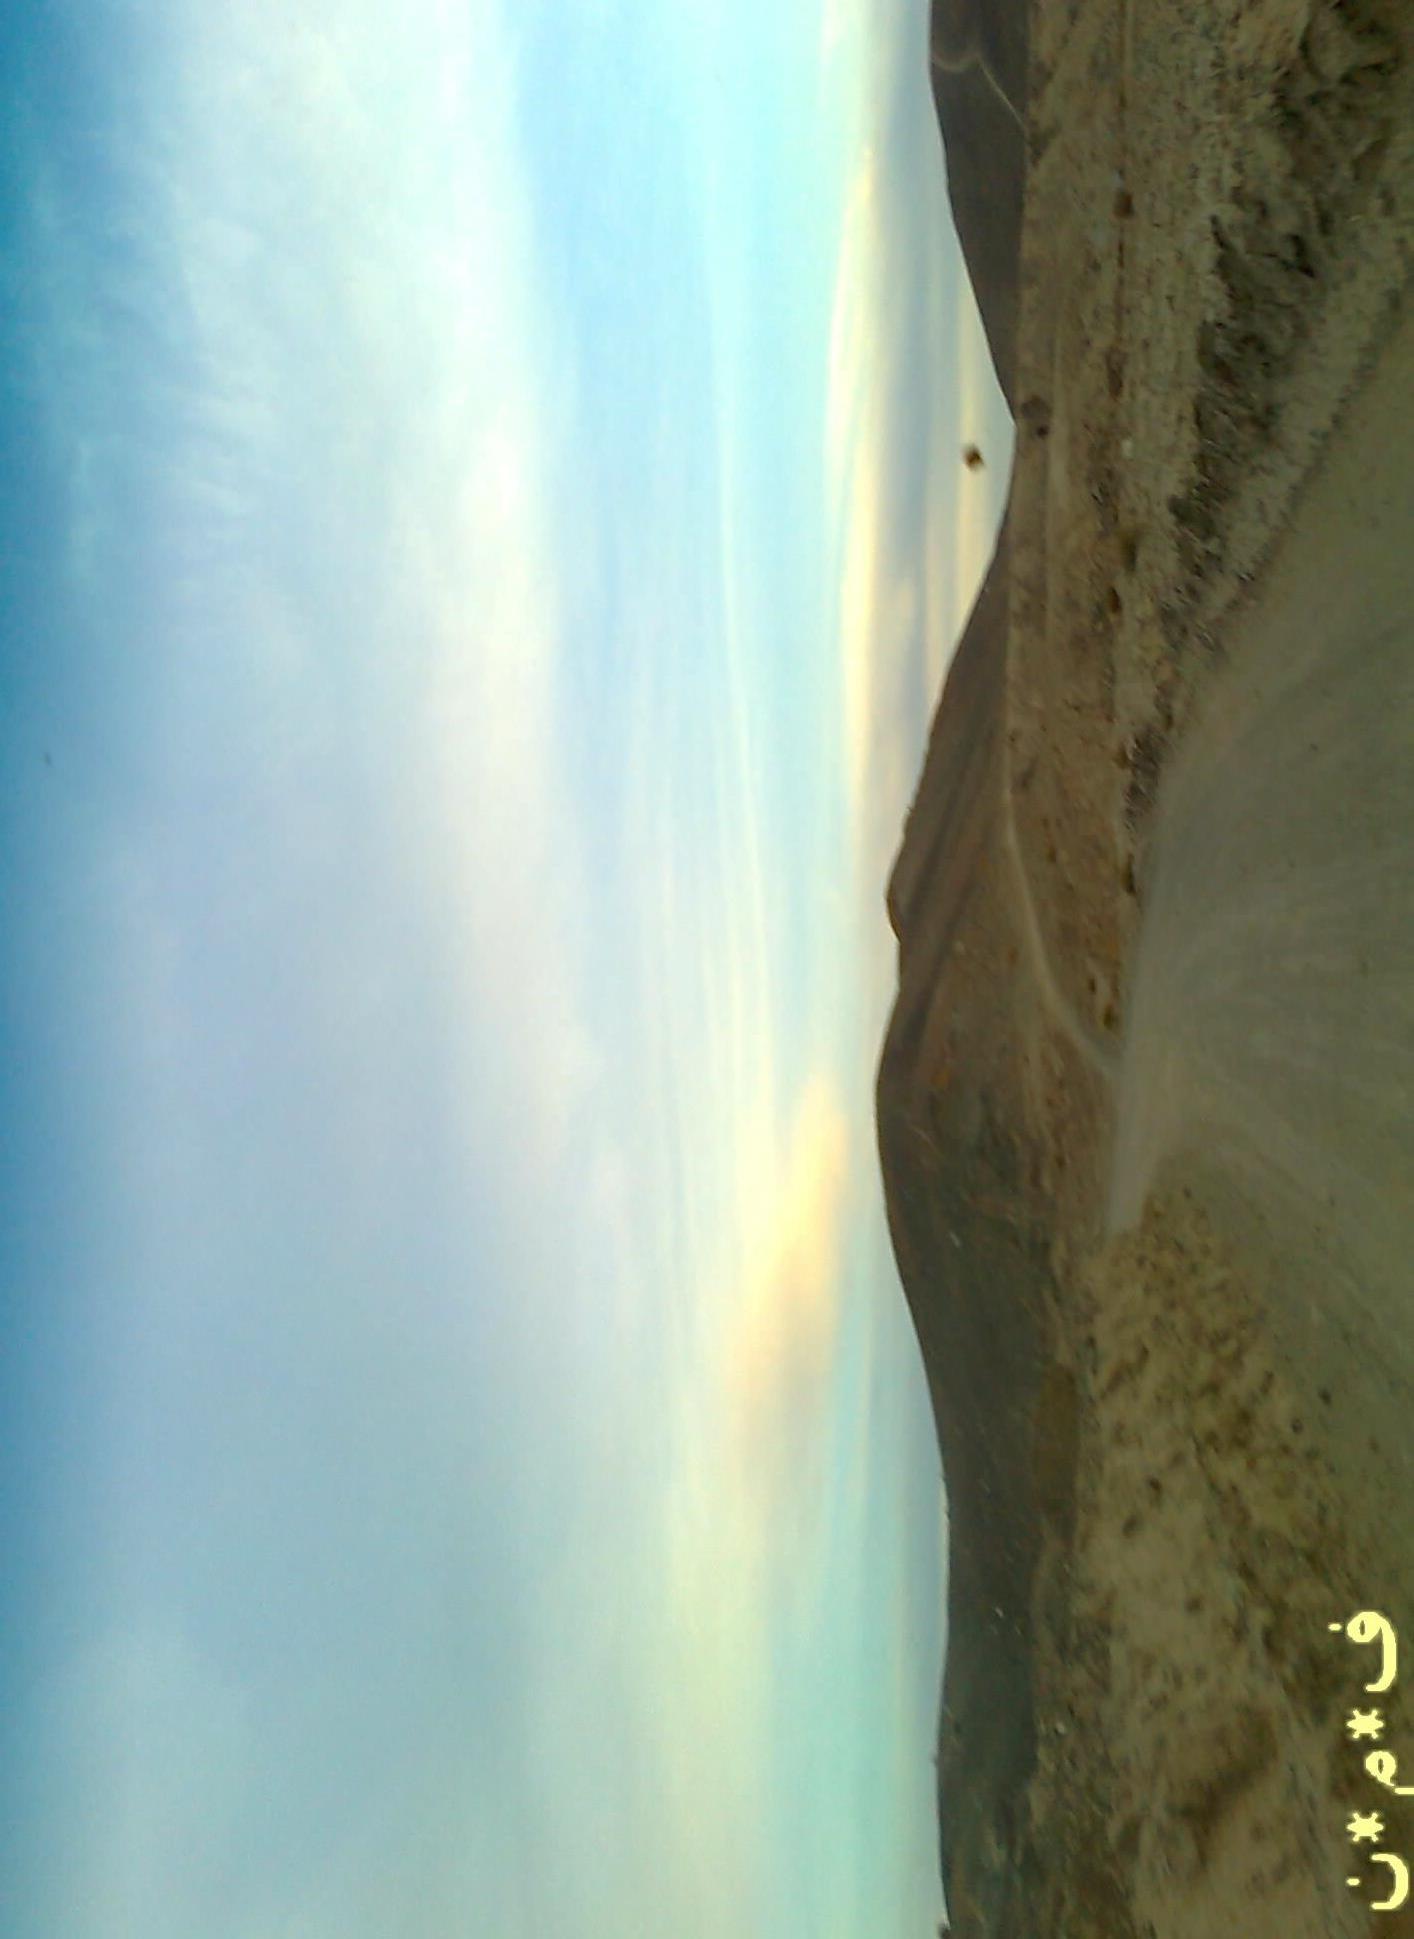 بیابان هم زیباست